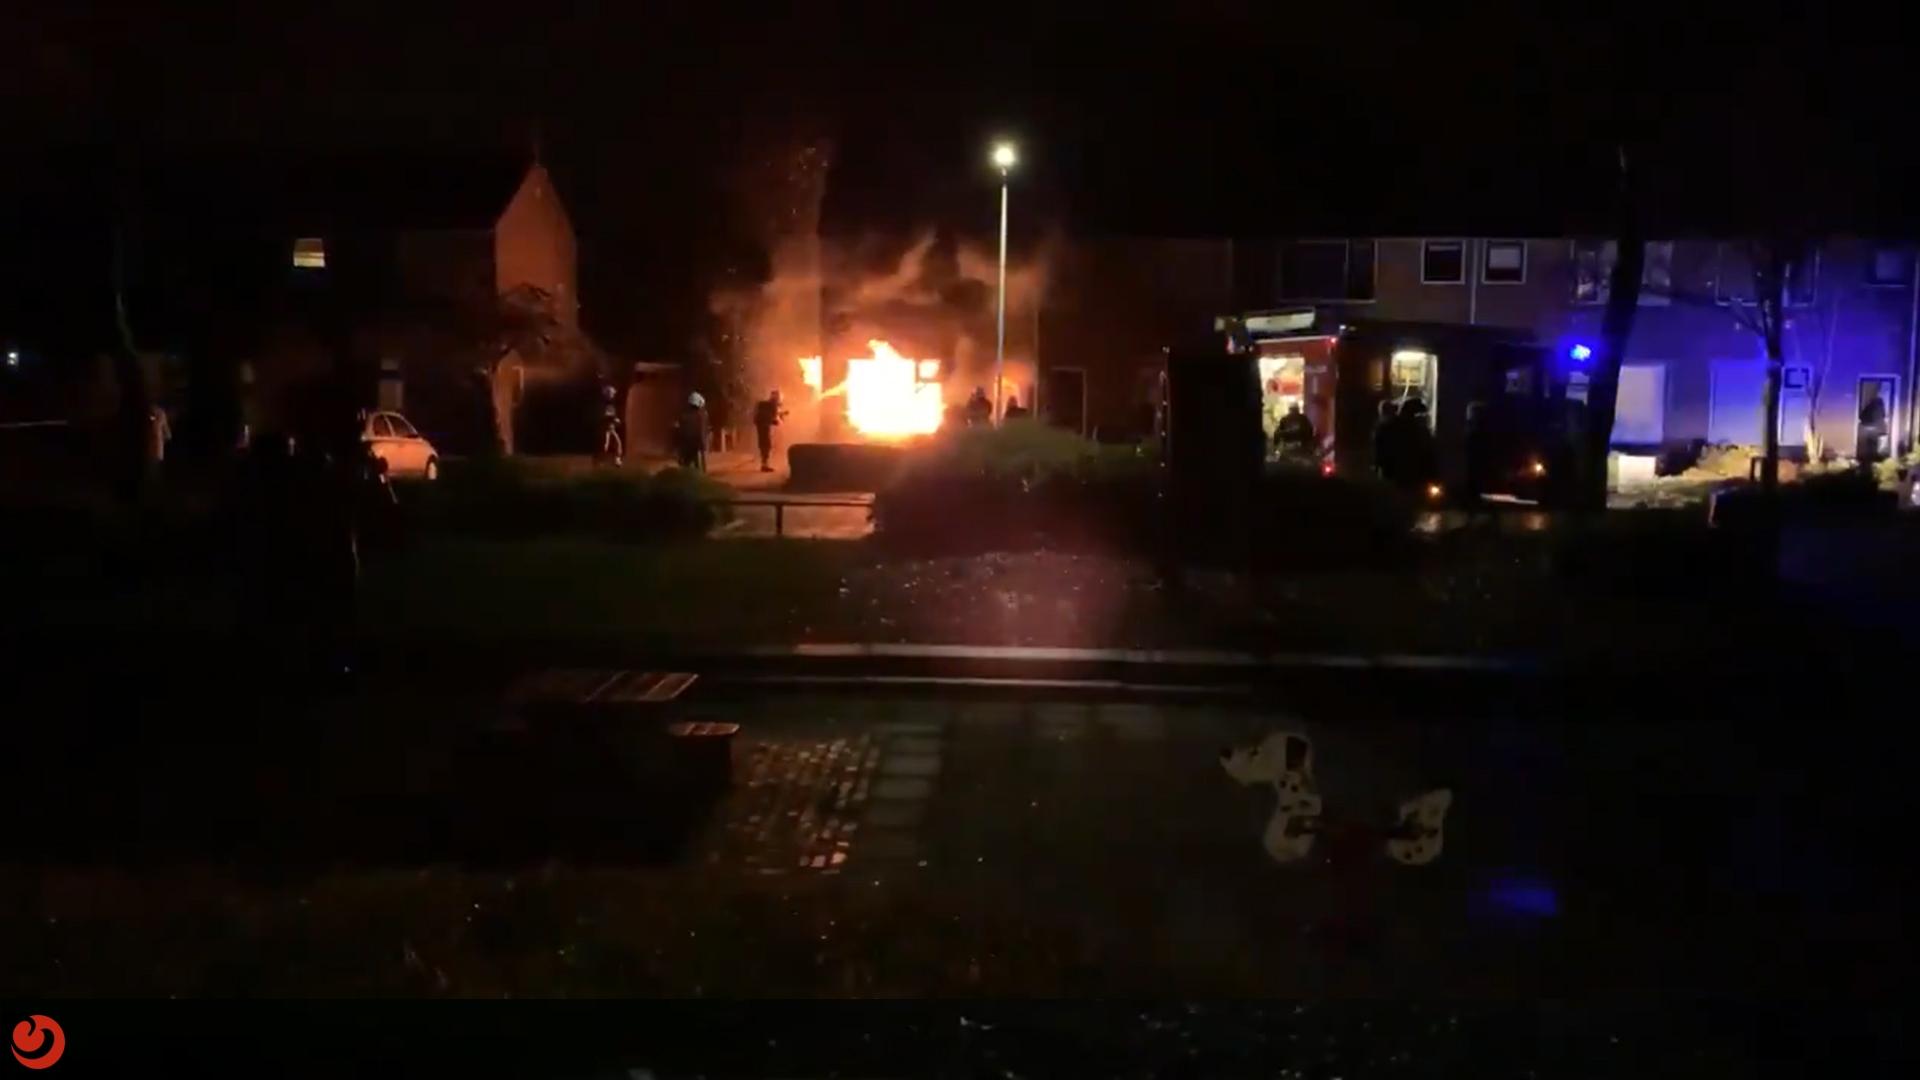 Vrouw (34) aangehouden vanwege grote brand in woning